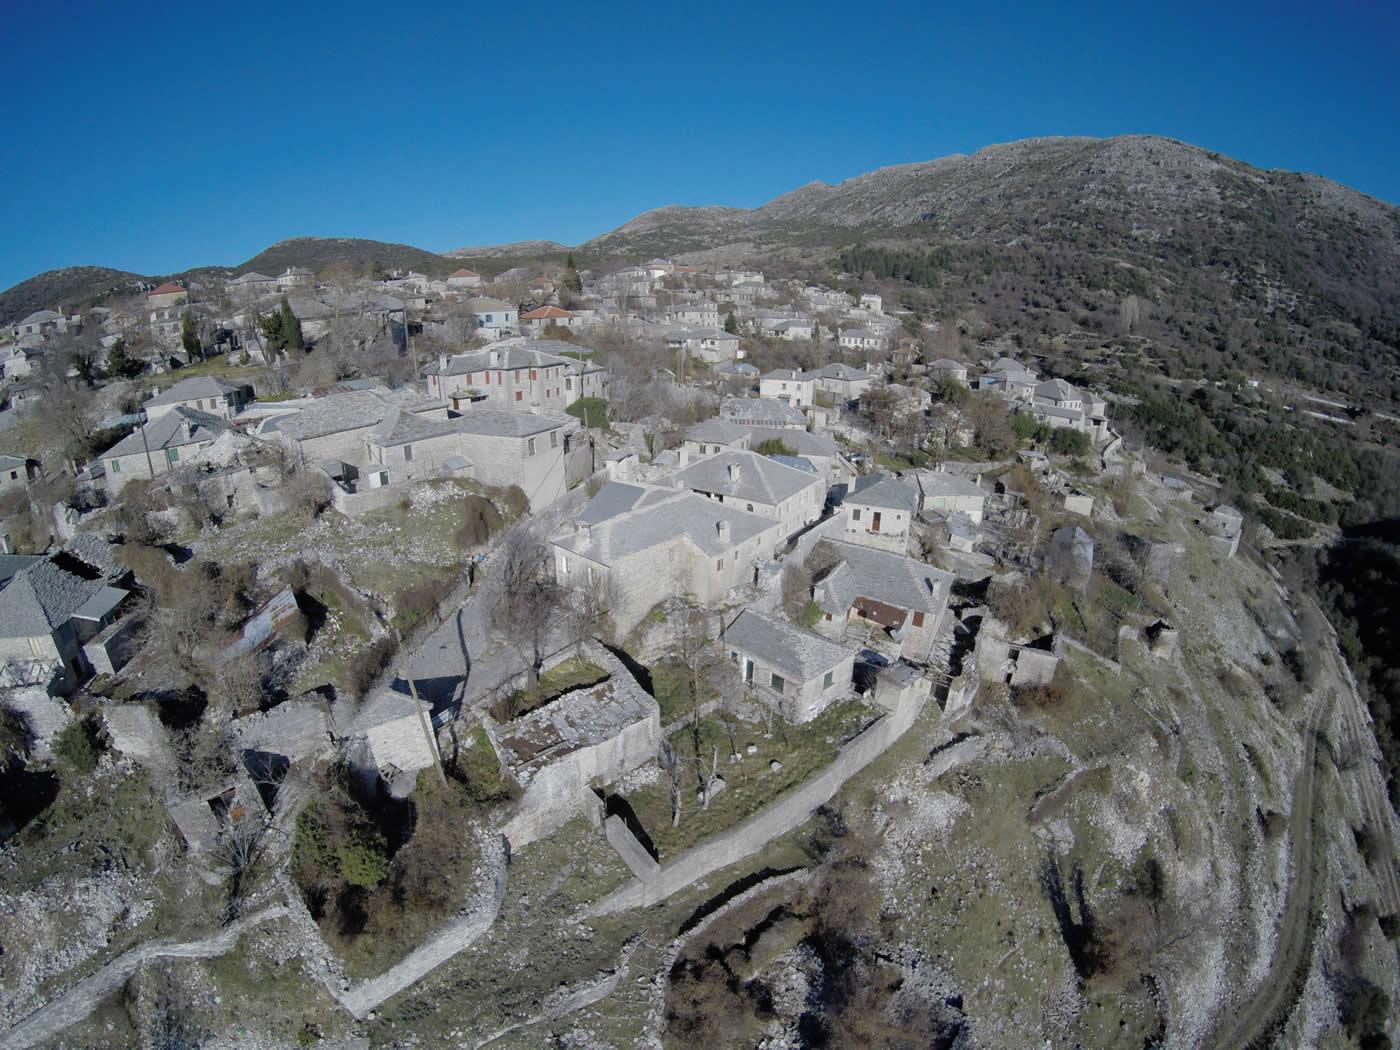 Aerial photographs of Elafotopos village